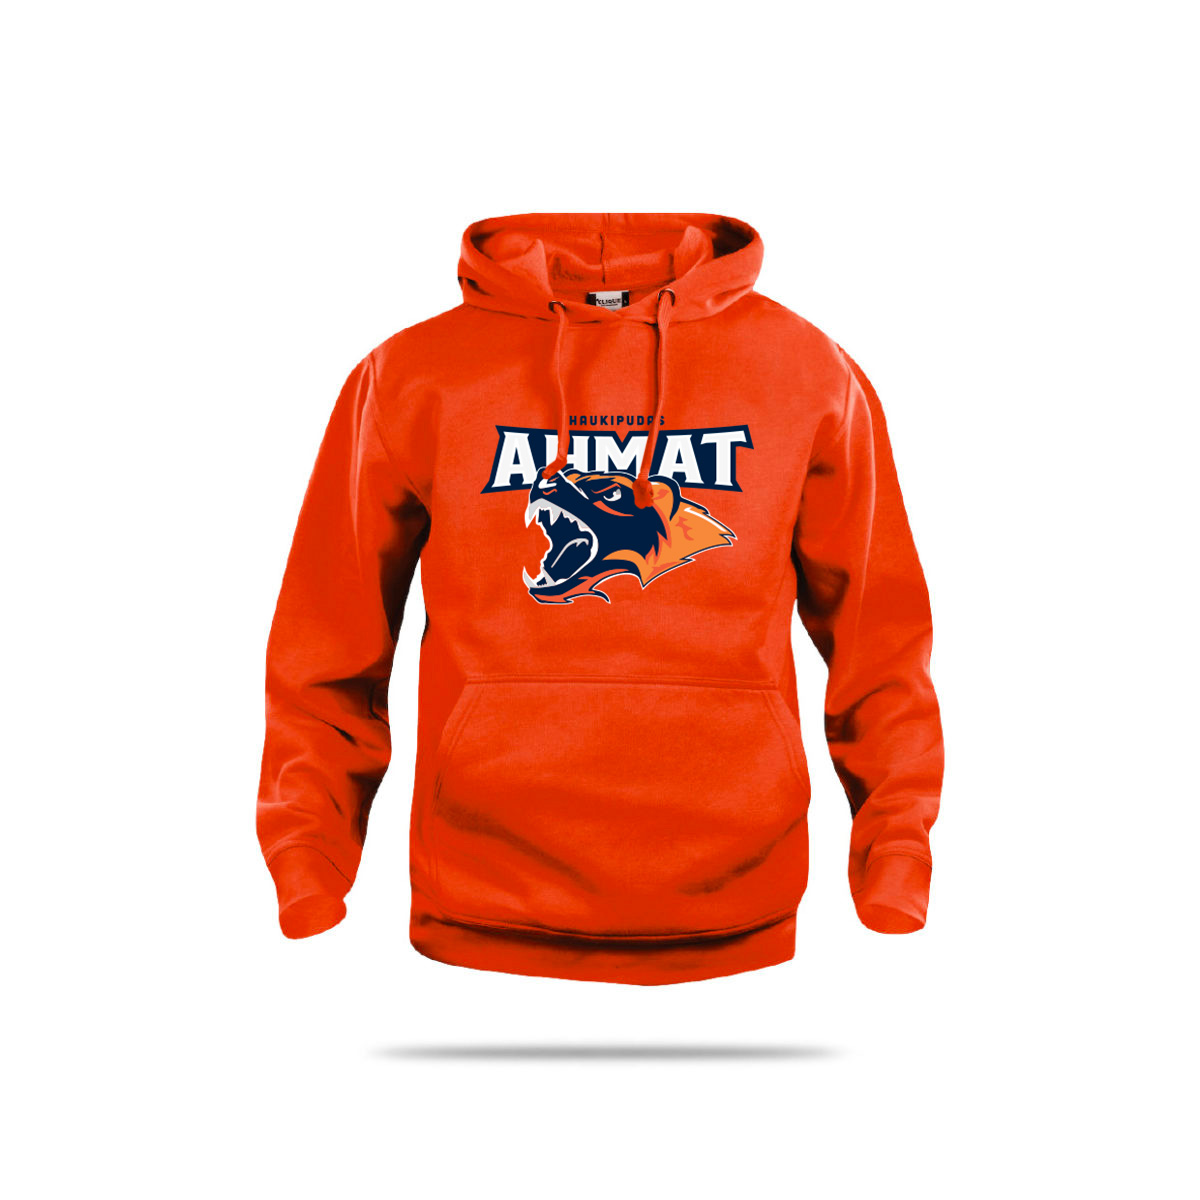 Ahmat-fani-3022-oranssi-original